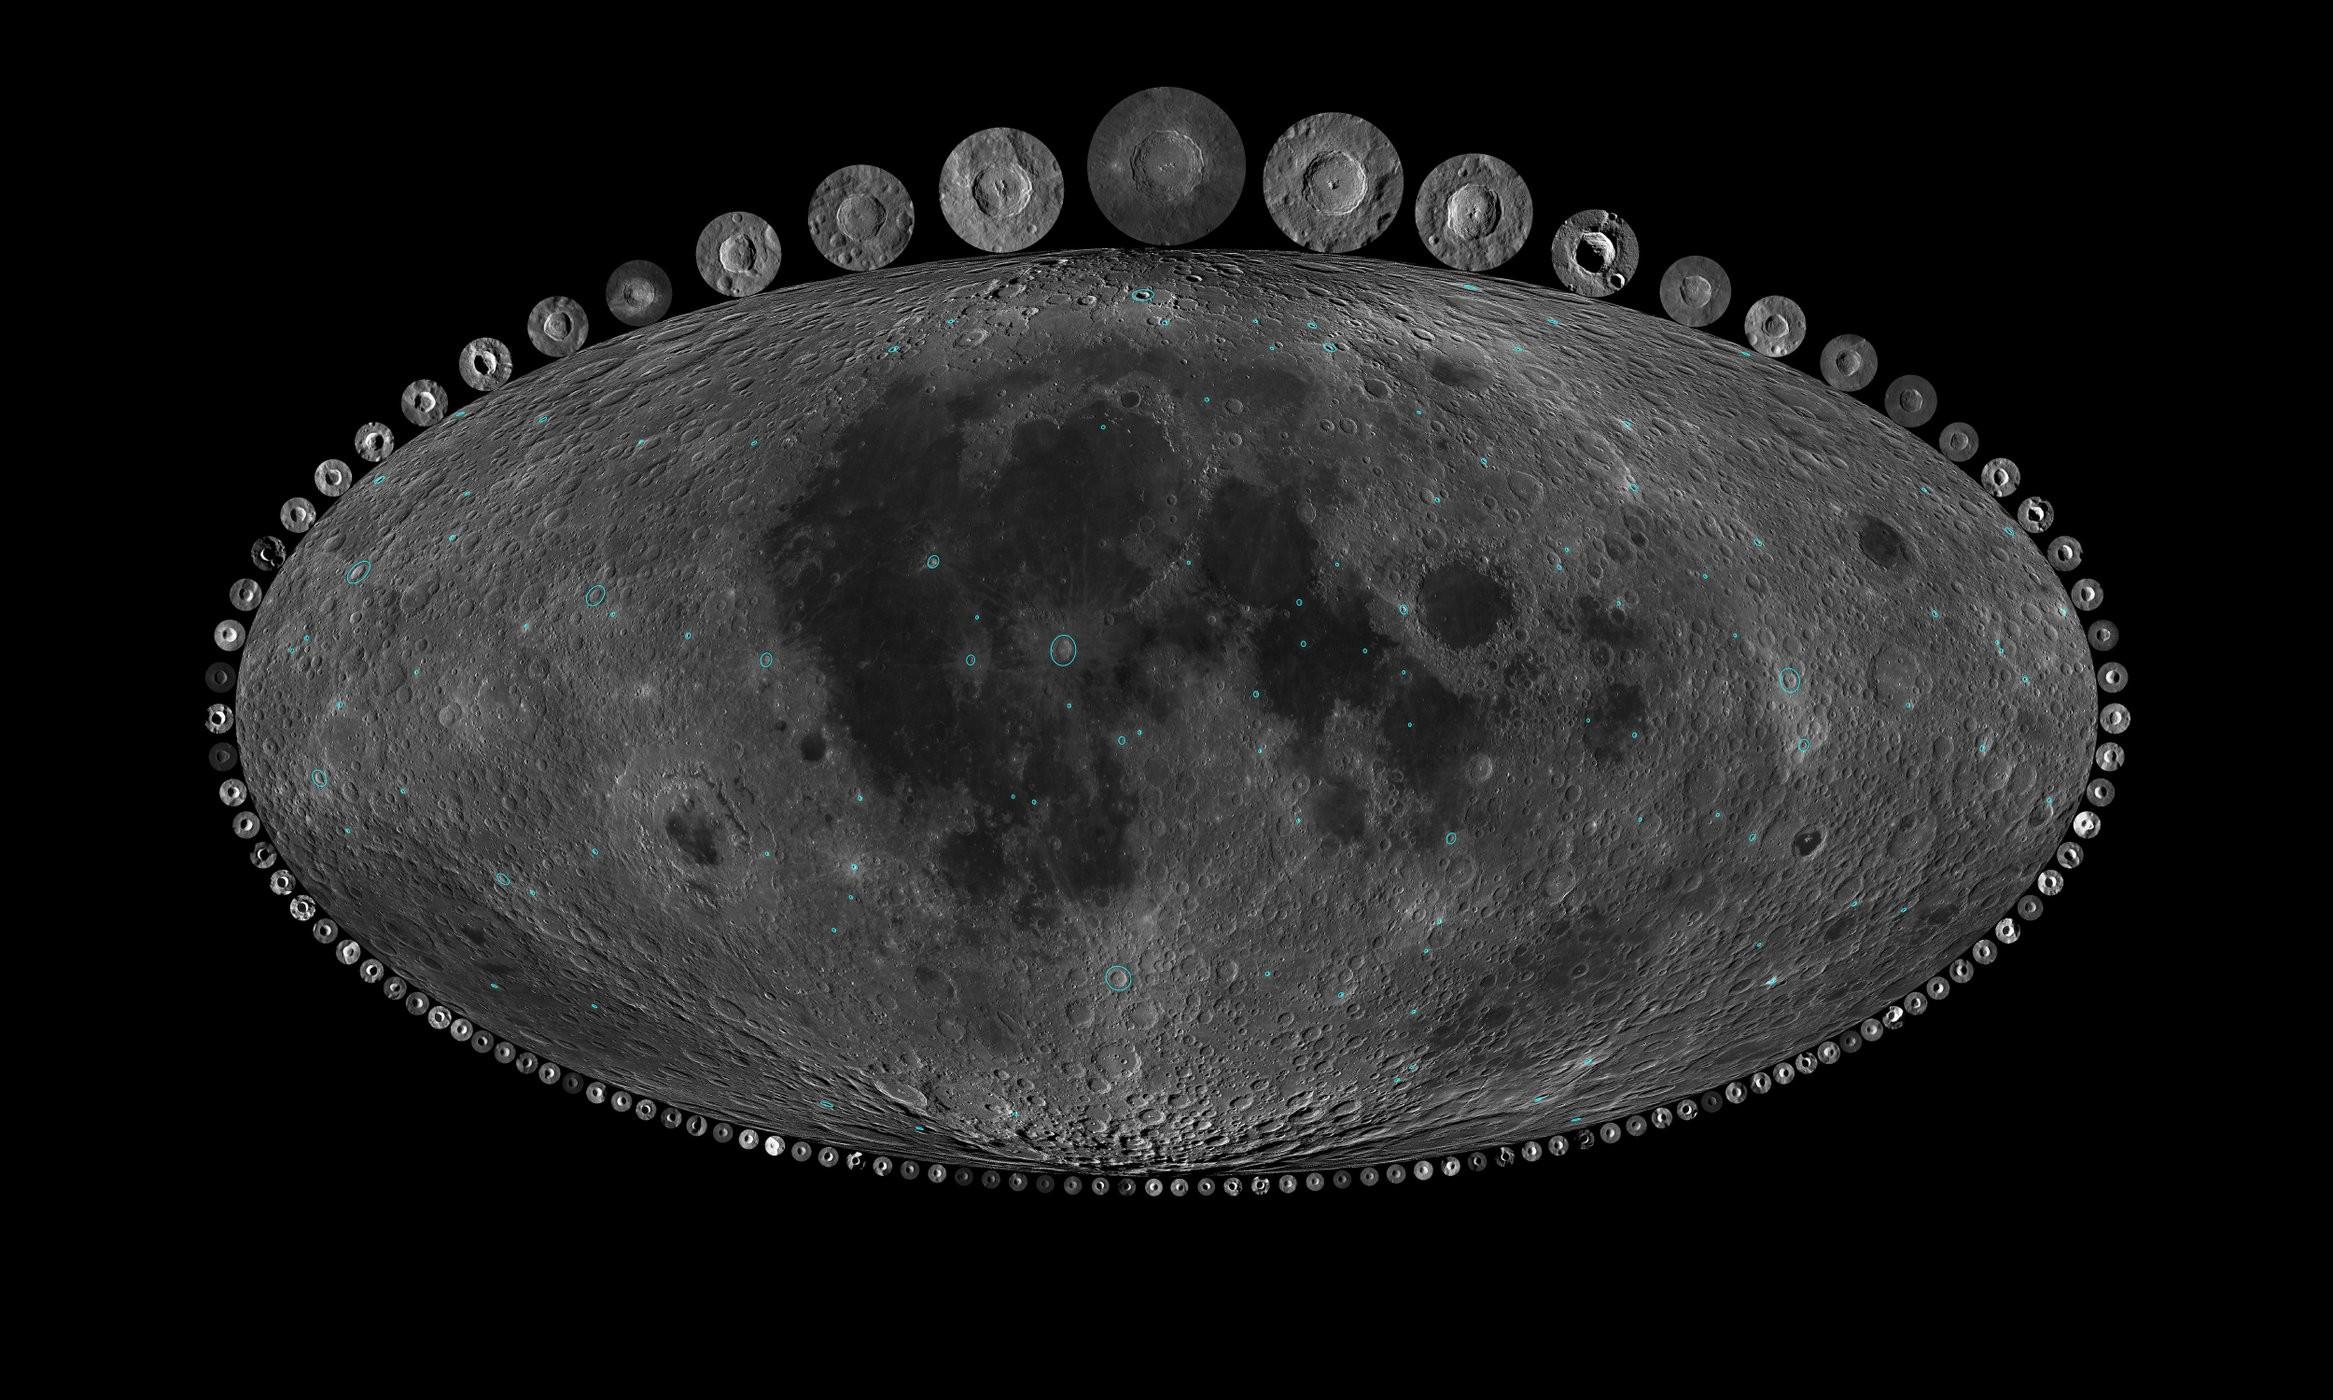 Mapa das crateras lunares com mais de 10 km de diâmetro e com menos de 1 bilhão de anos (Foto: Dr. A Parker/Southwest Research Institute)